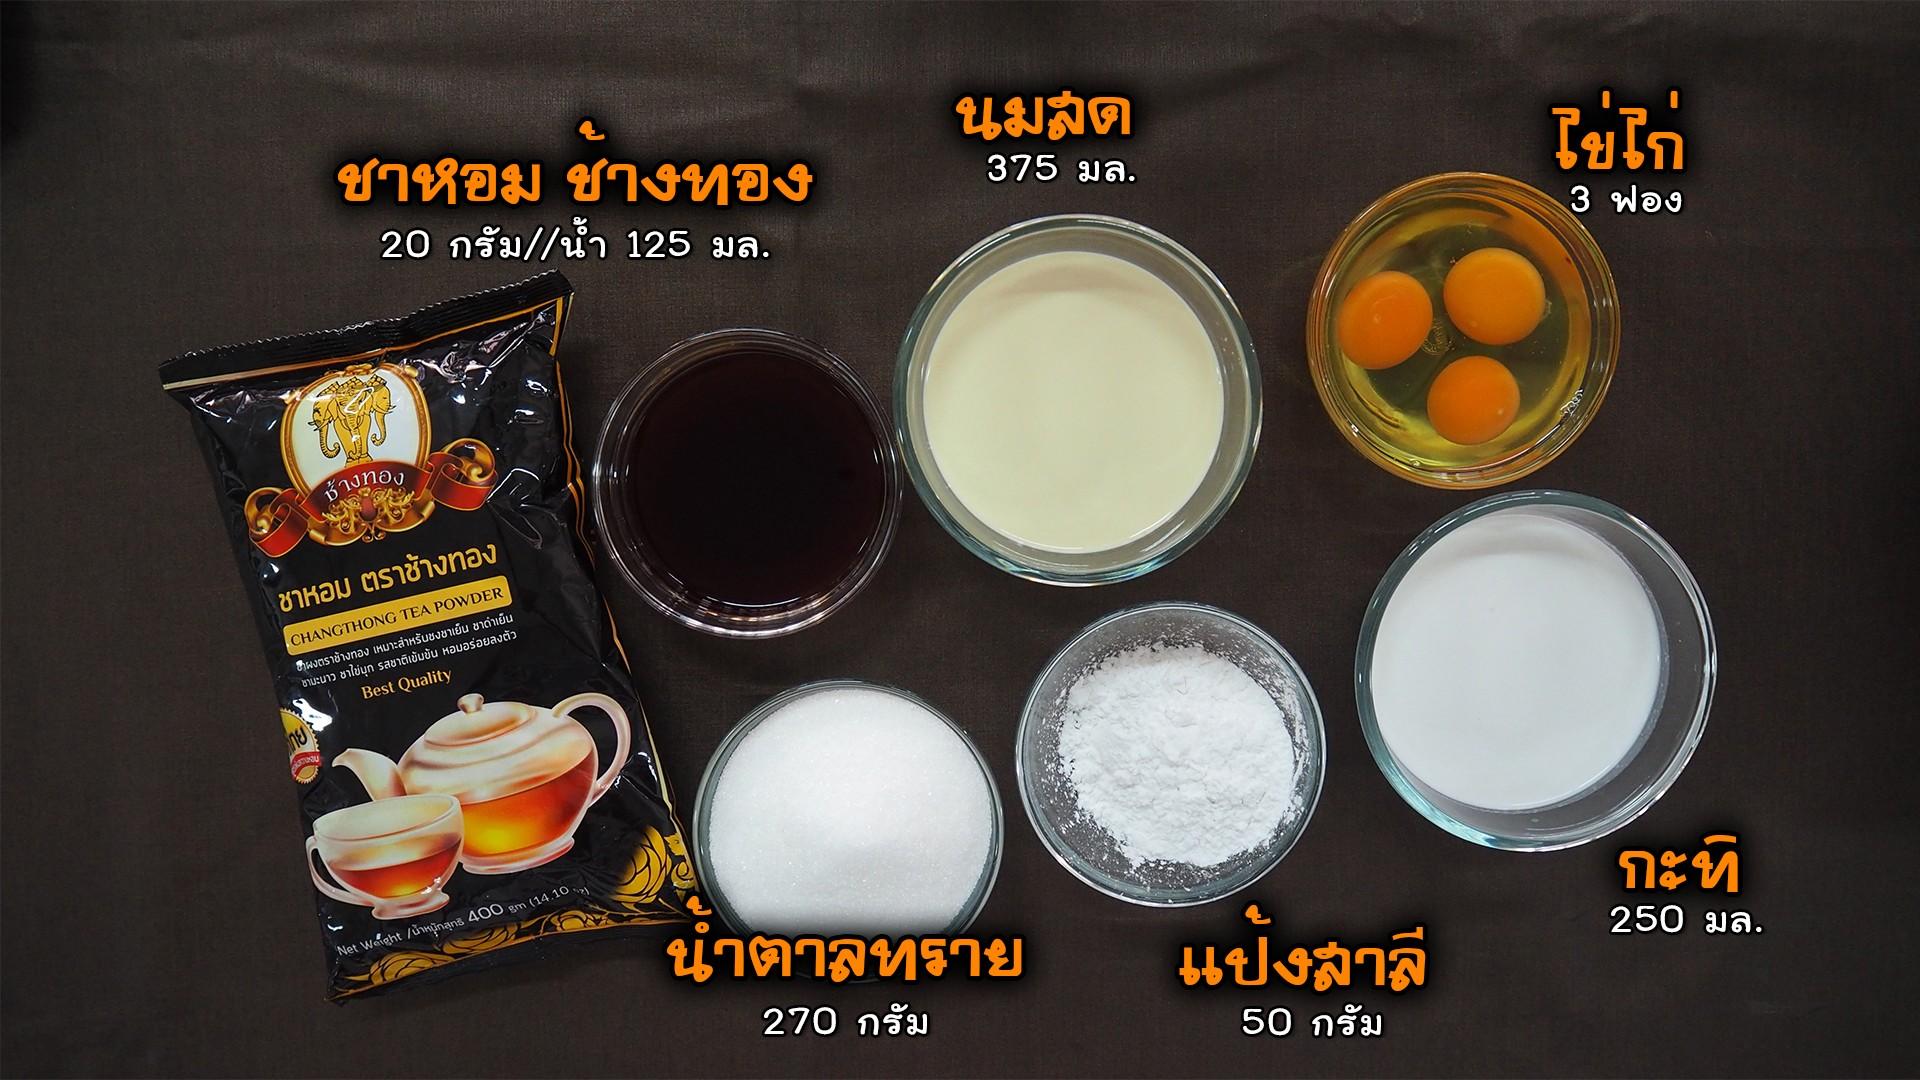 ส่วนผสมการทำสังขยาชาไทย